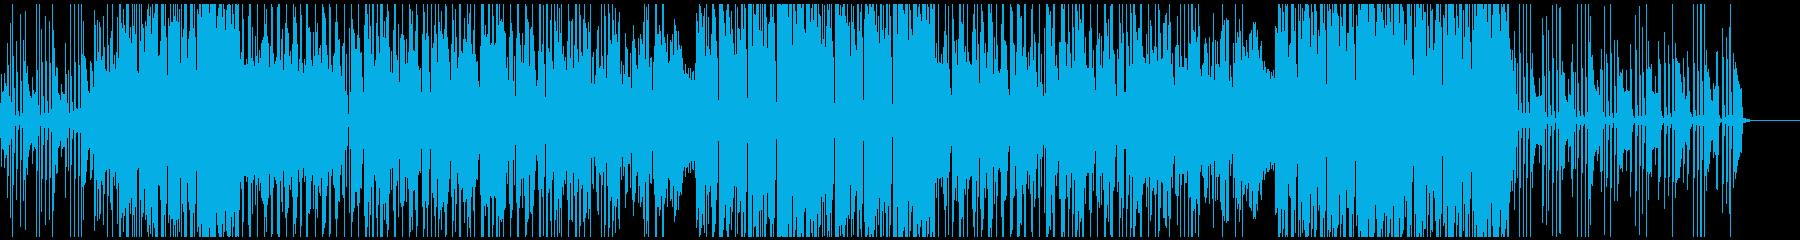 シンセサイザーと口笛がドリーミーなBGMの再生済みの波形